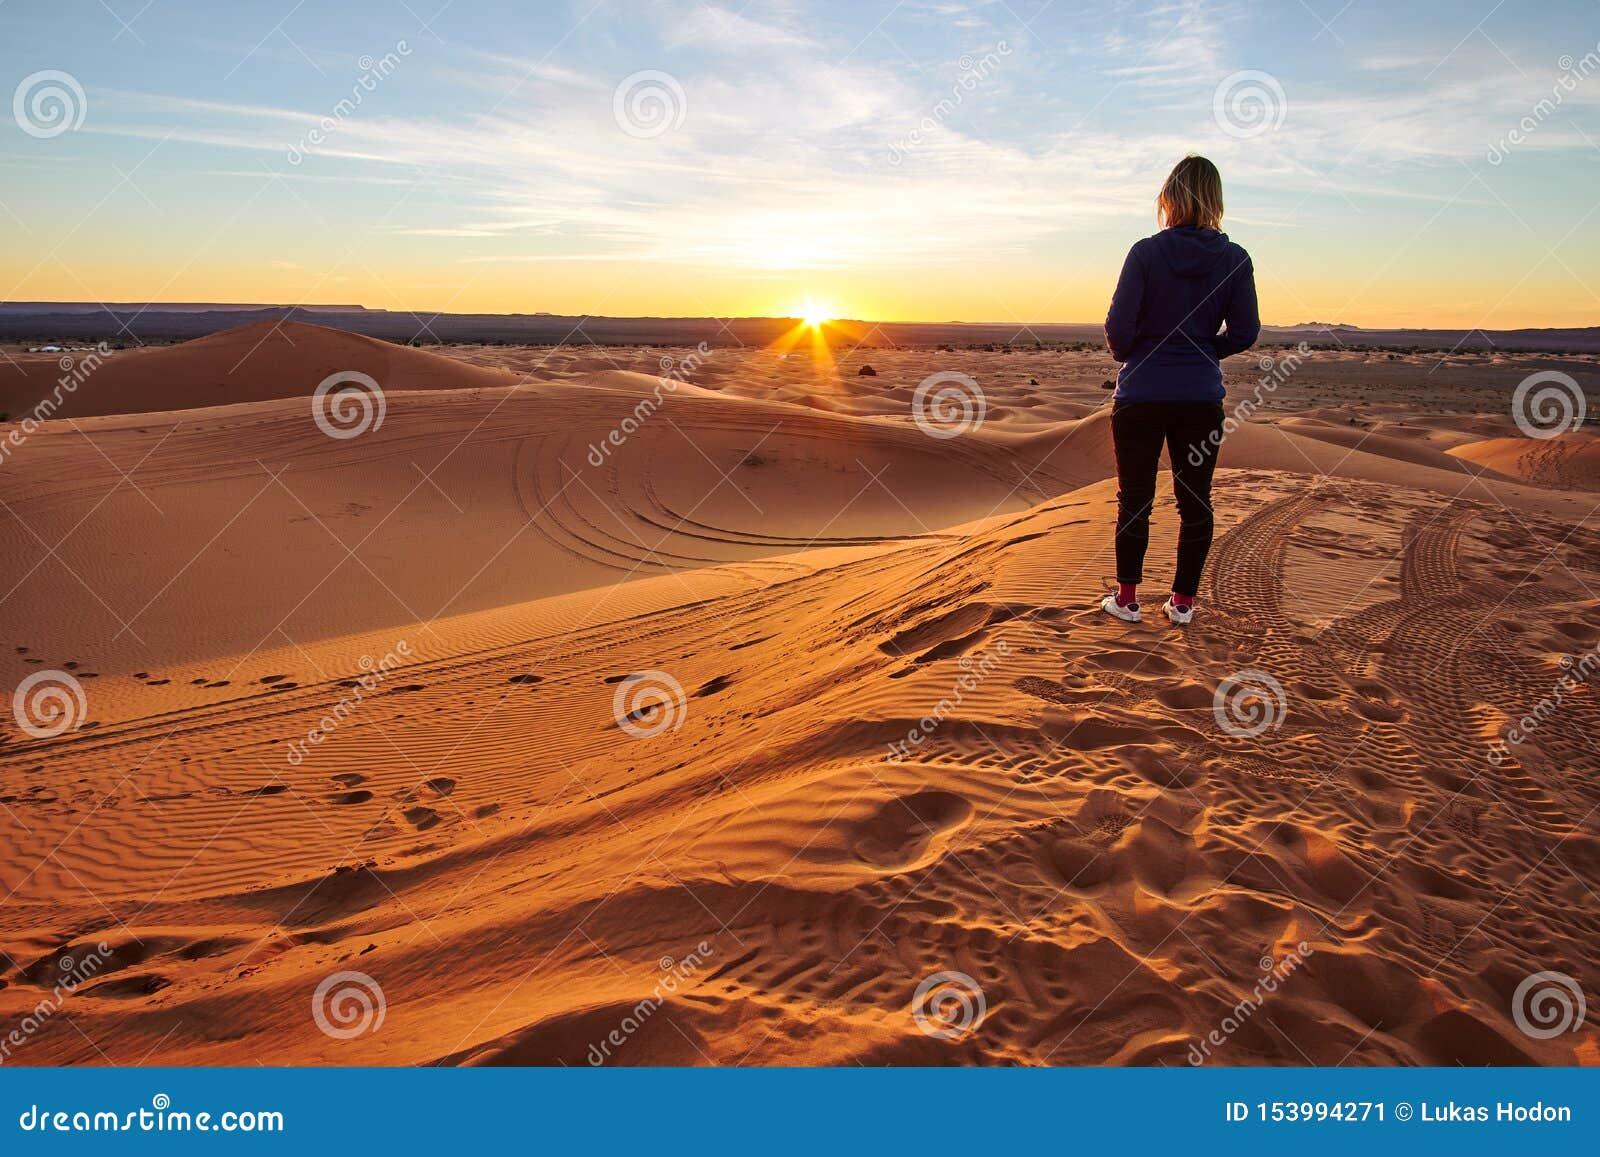 Девушка наблюдая восход солнца на песчанной дюне в пустыне Сахары